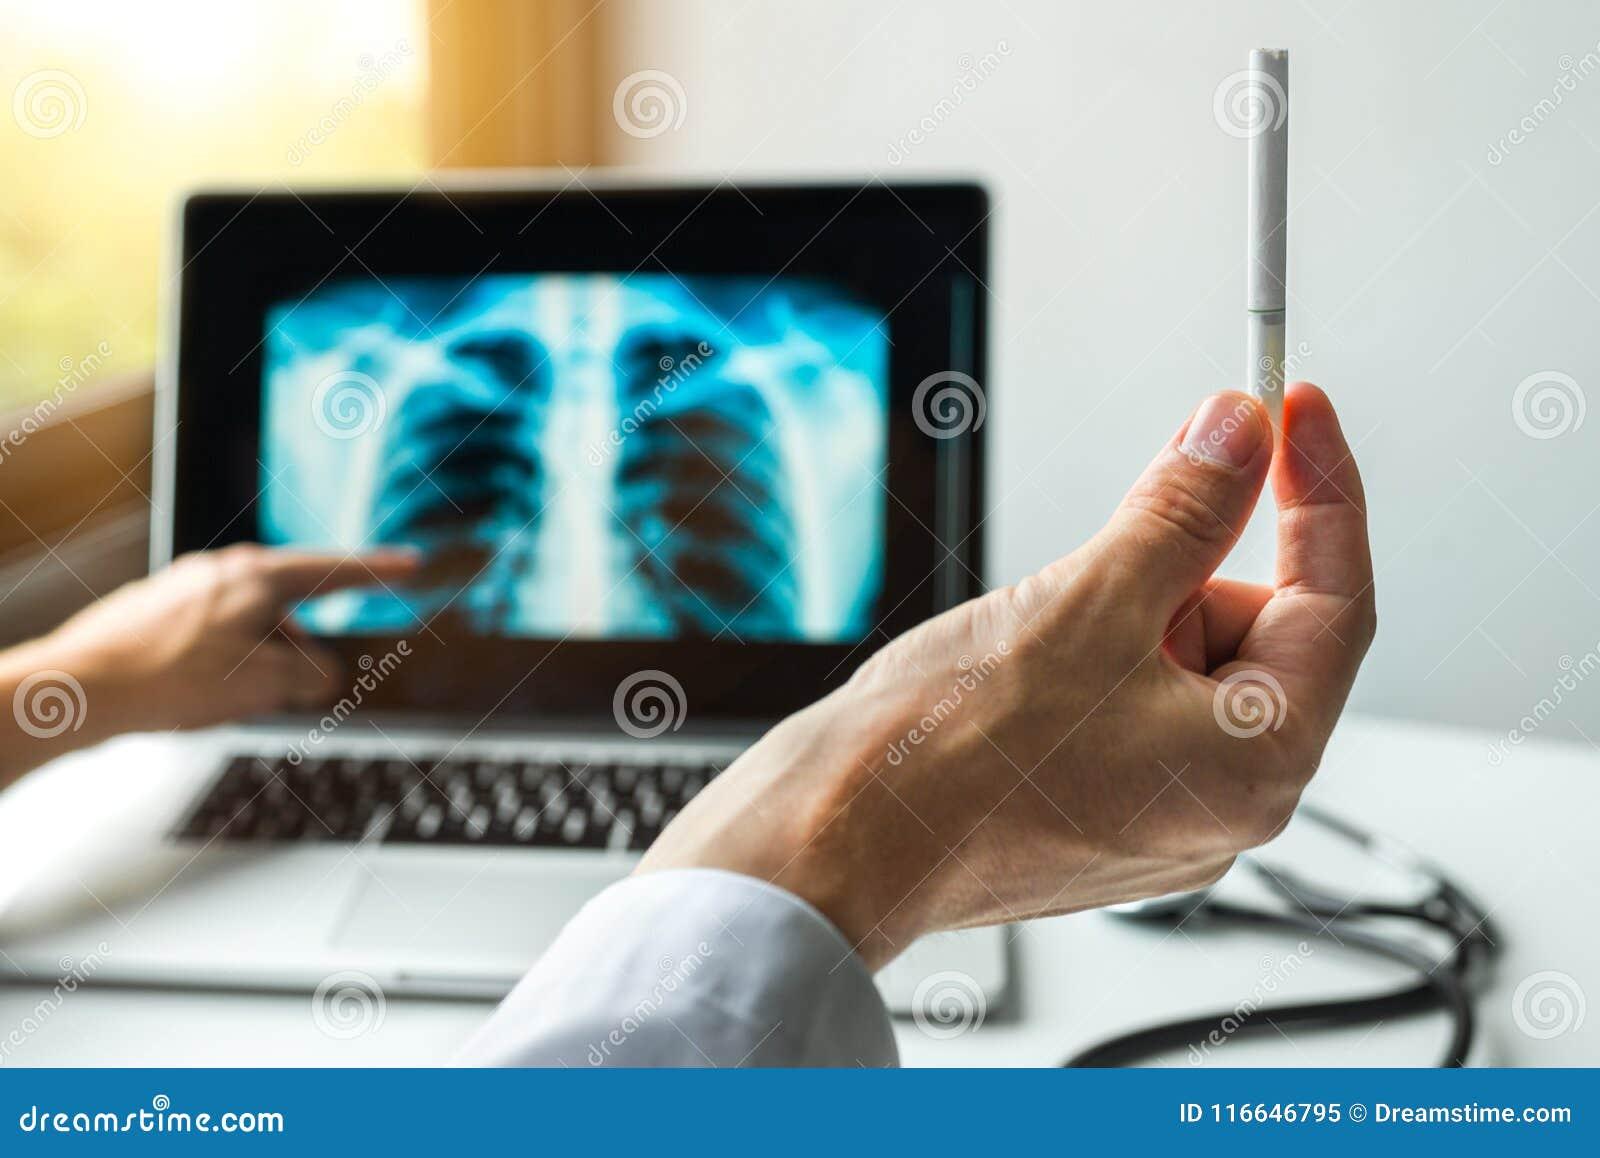 Aggiusti la tenuta della sigaretta e la mostra dei raggi x dei polmoni Concetto di prevenzione del cancro dei polmoni